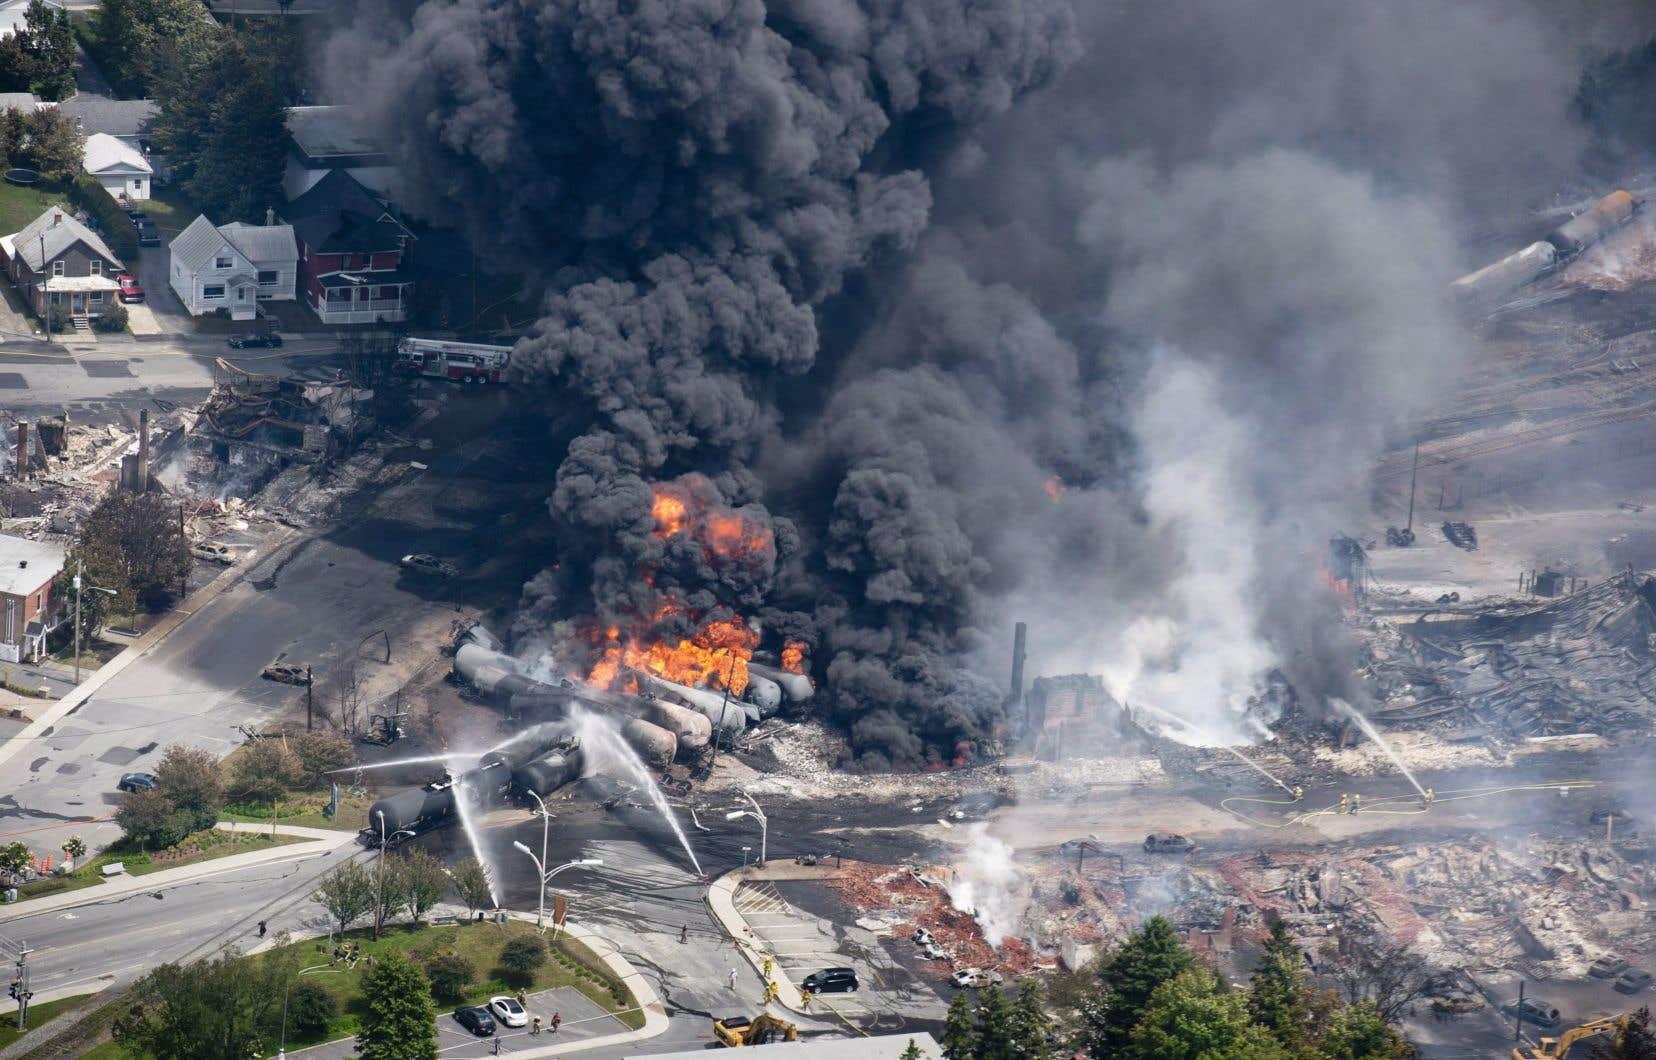 Ceci met fin à toutes les procédures criminelles intentées après le déraillement du train qui a fait 47 morts à Lac-Mégantic le 6 juillet 2013.